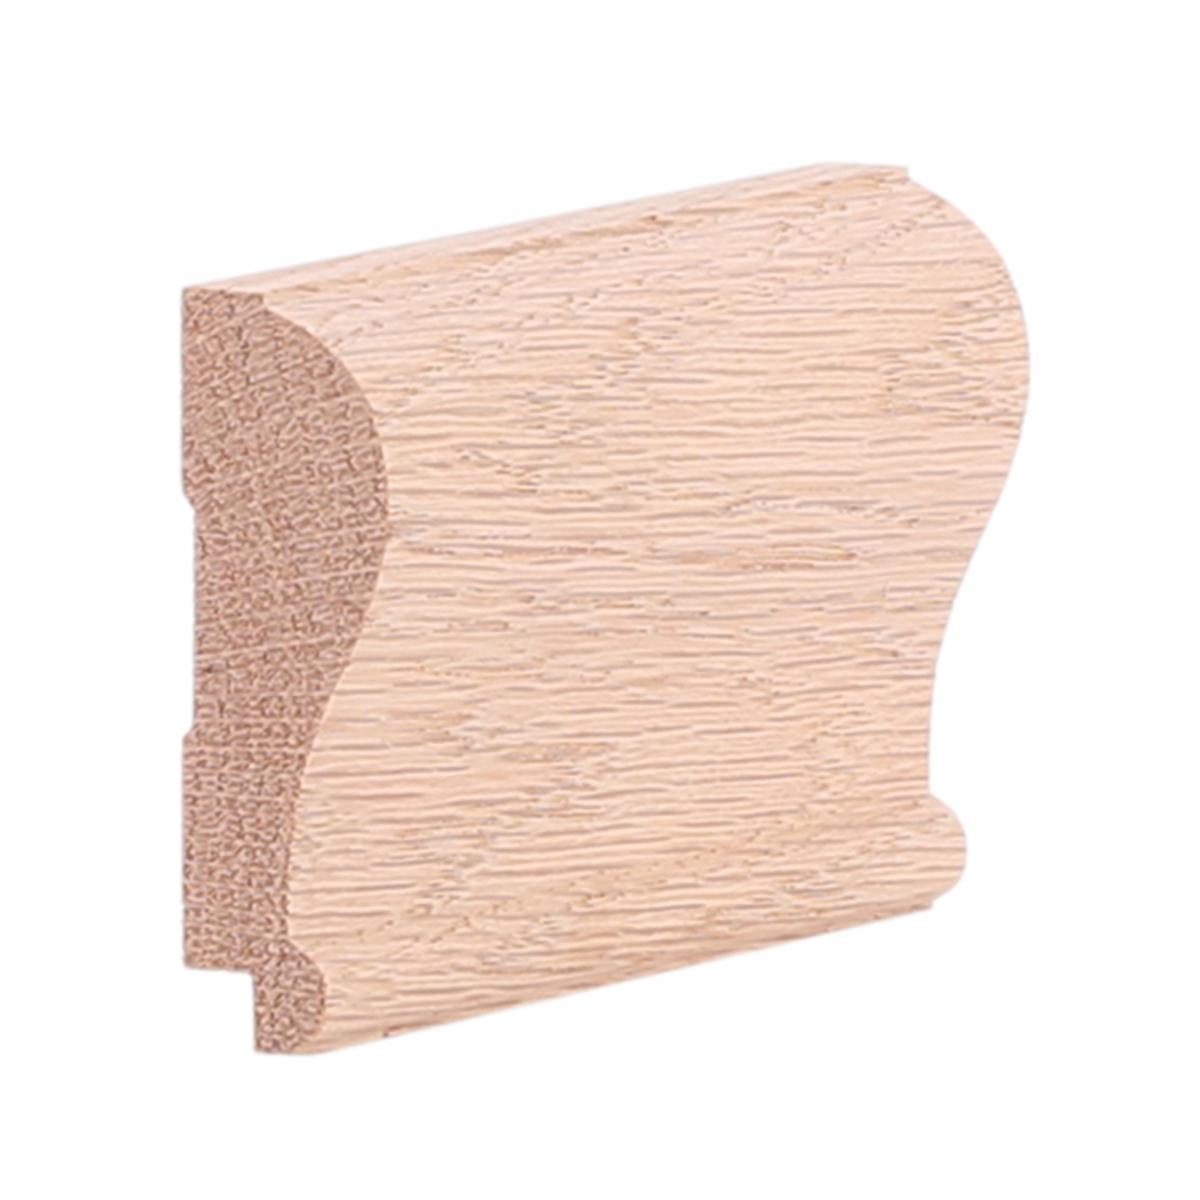 oak chair rail small slipper 3 4 quot x 2 8 red modern w rabbet b400r